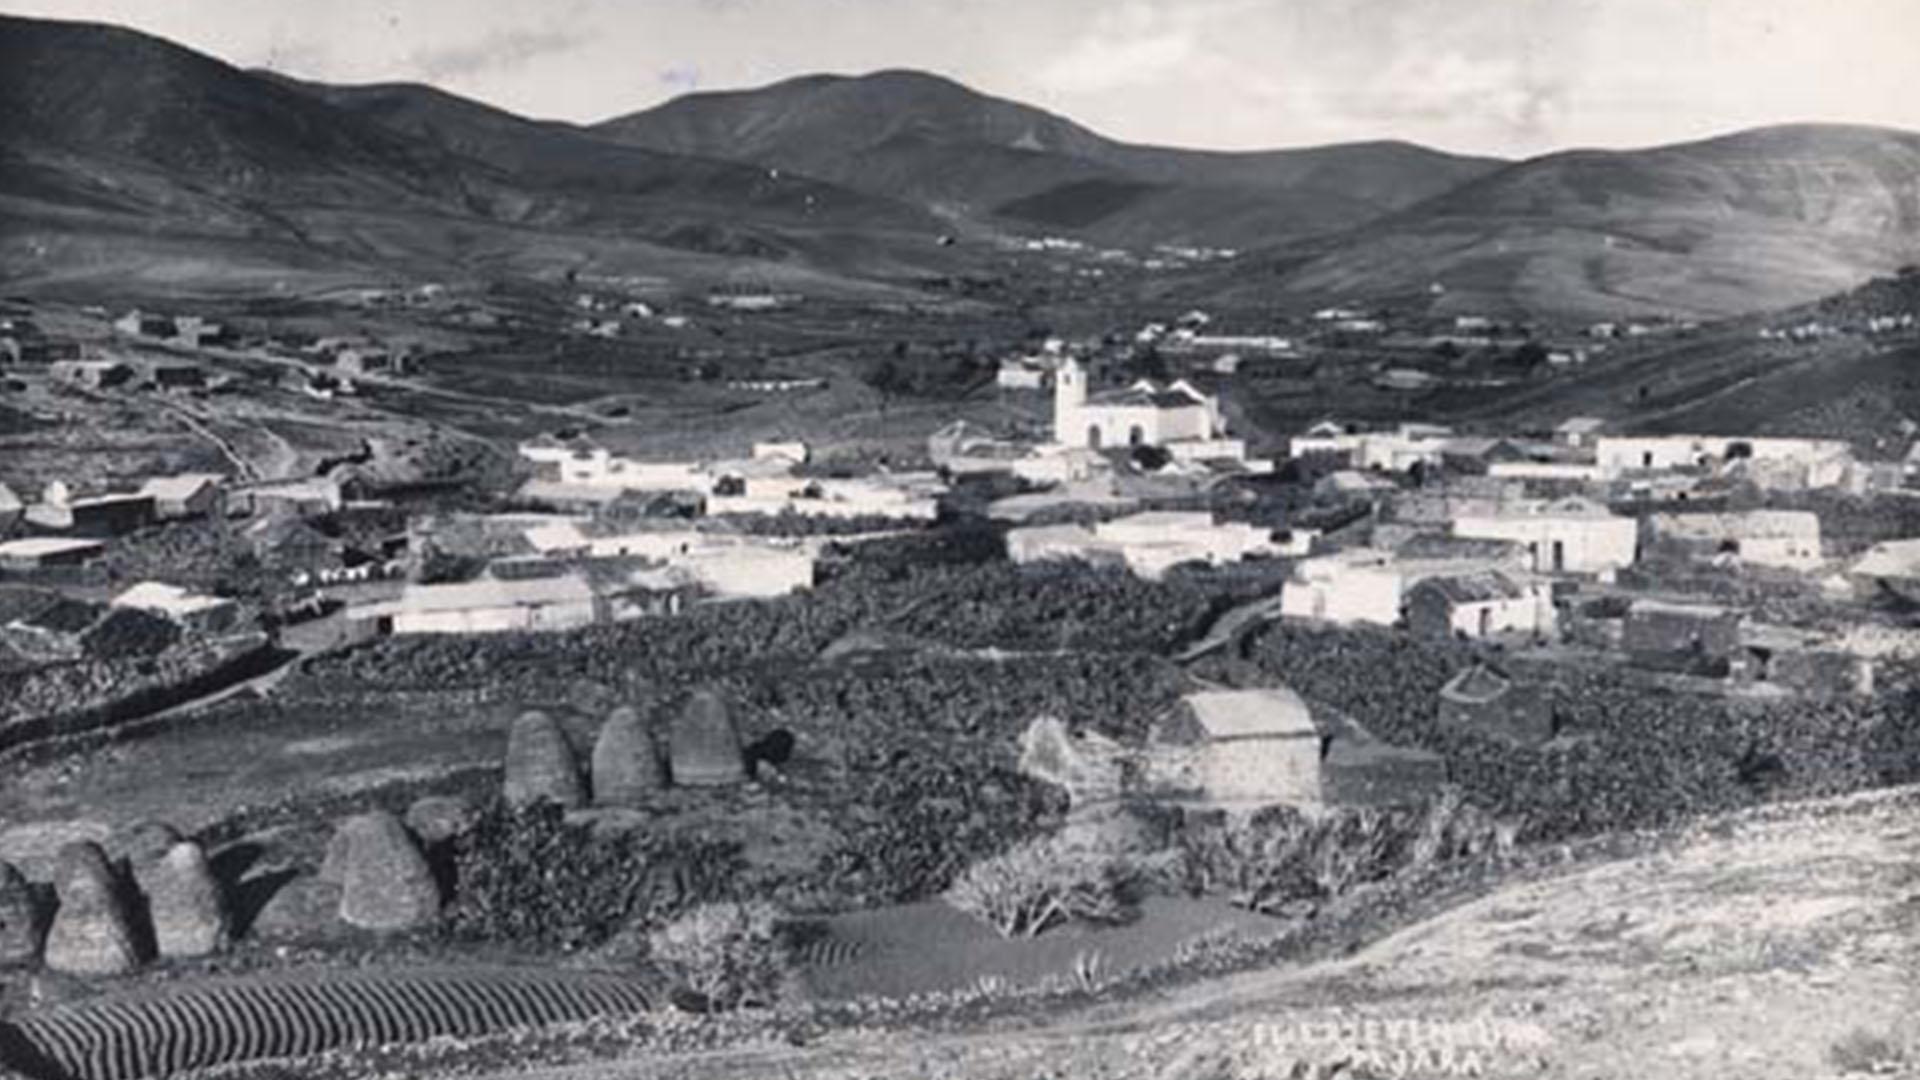 Der Ort Pájara Fuerteventura im Jahr 1890.